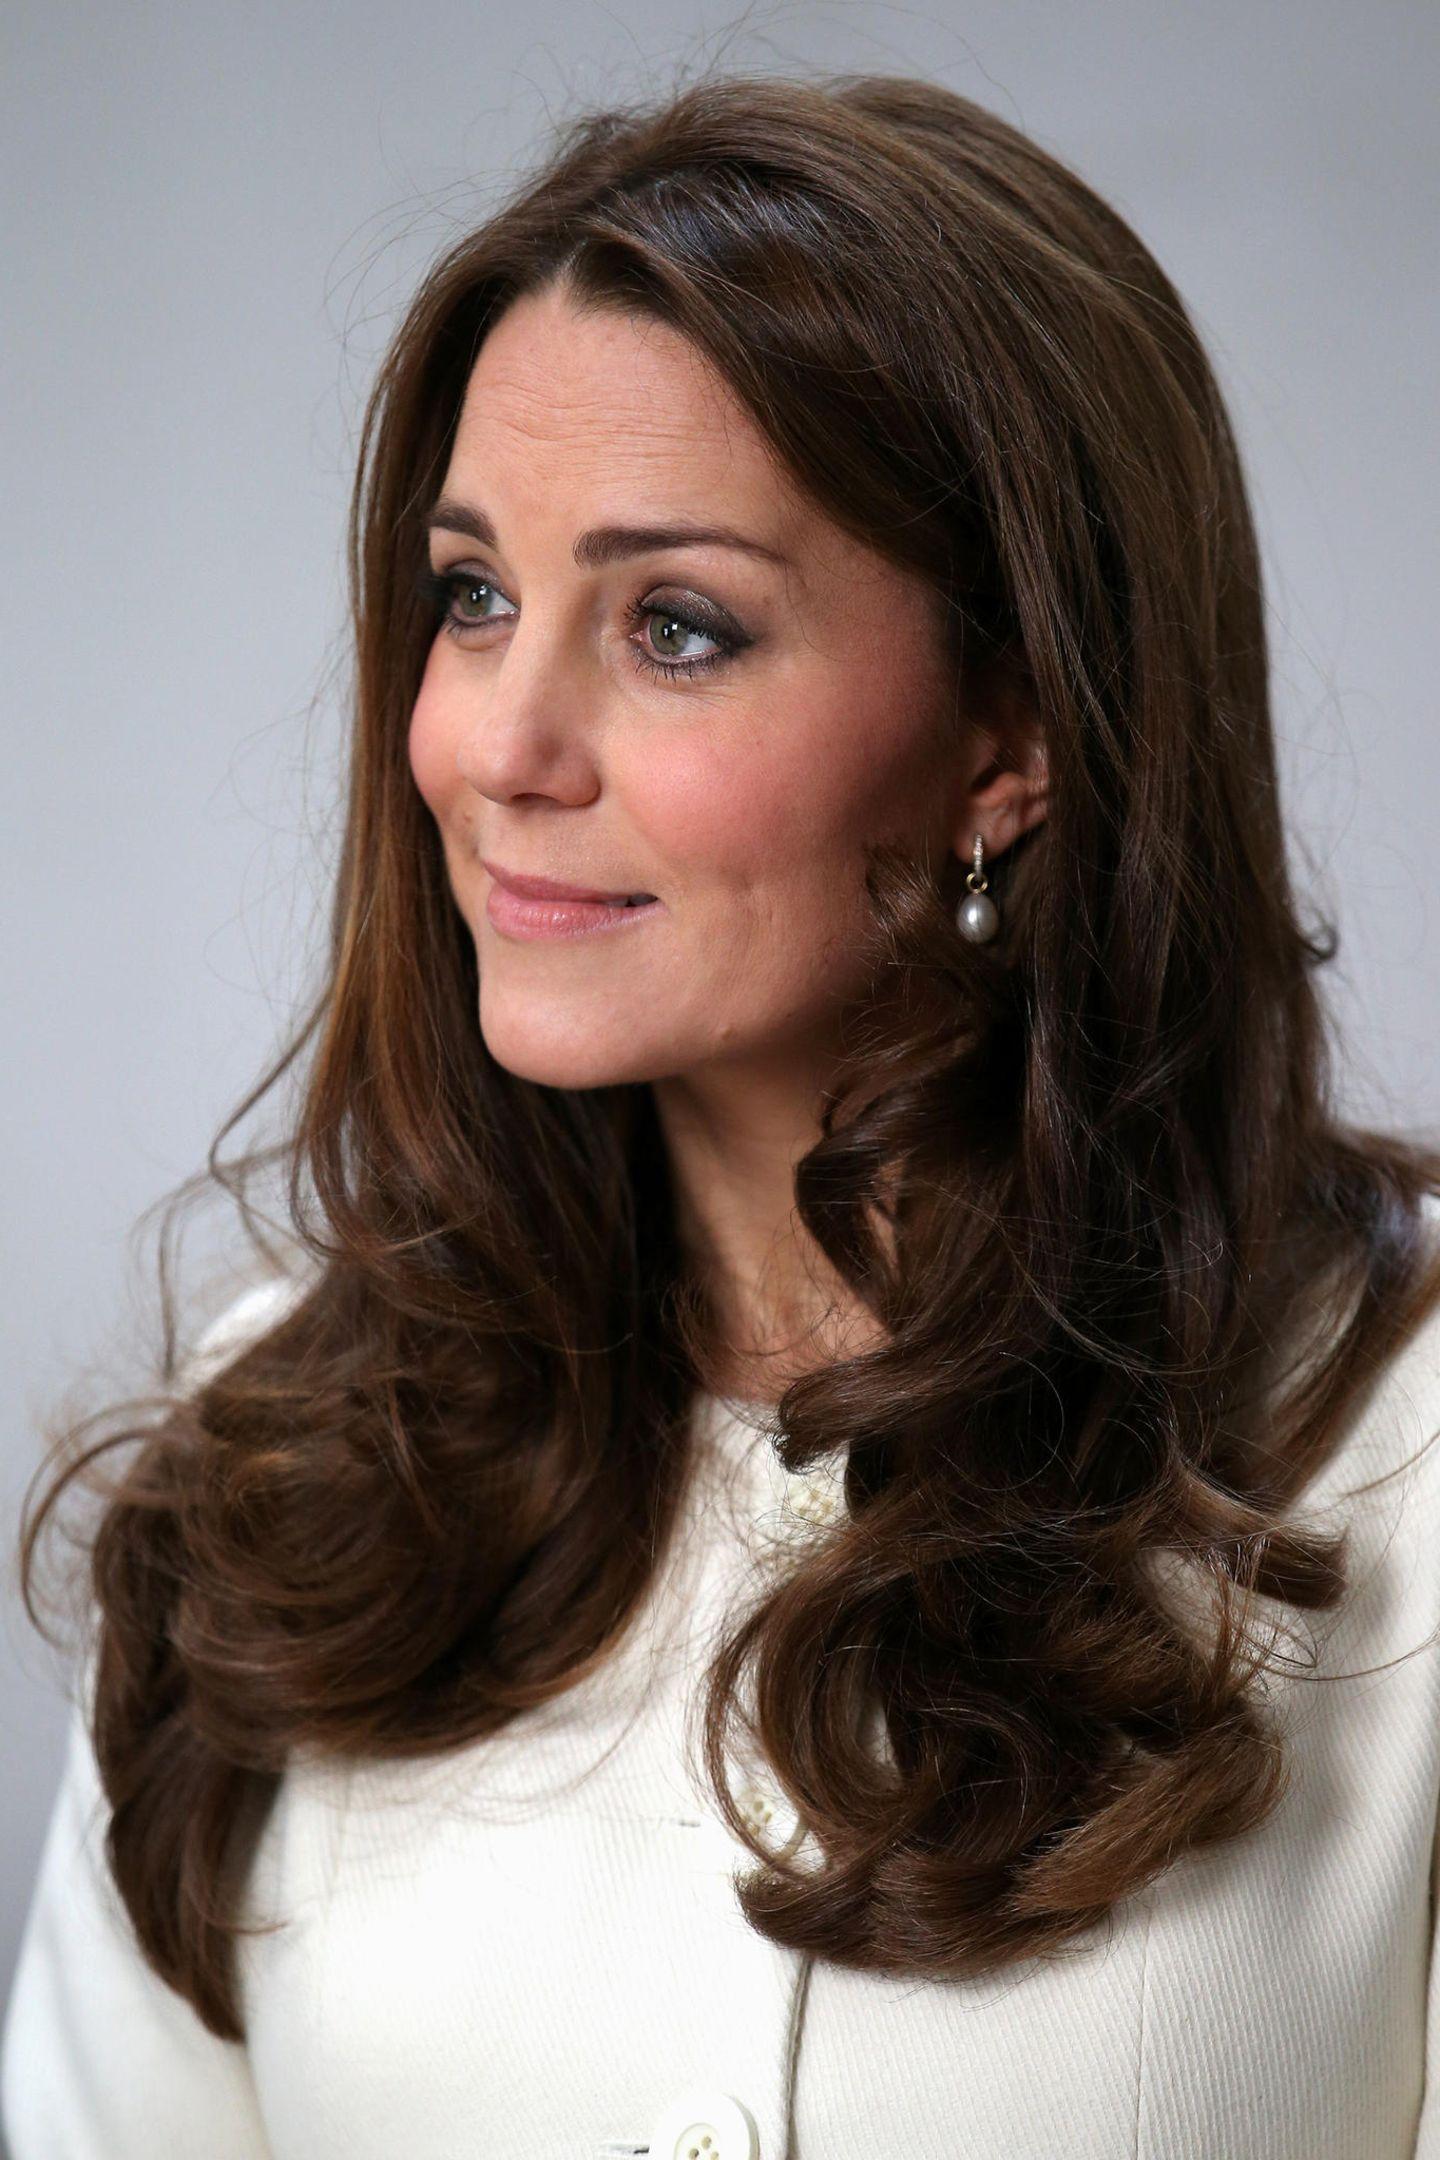 Für ihr schokobraunes Haar ist Herzogin Catherine definitiv zu beneiden. Spliss und spröde Spitzen scheint sie nicht zu haben.